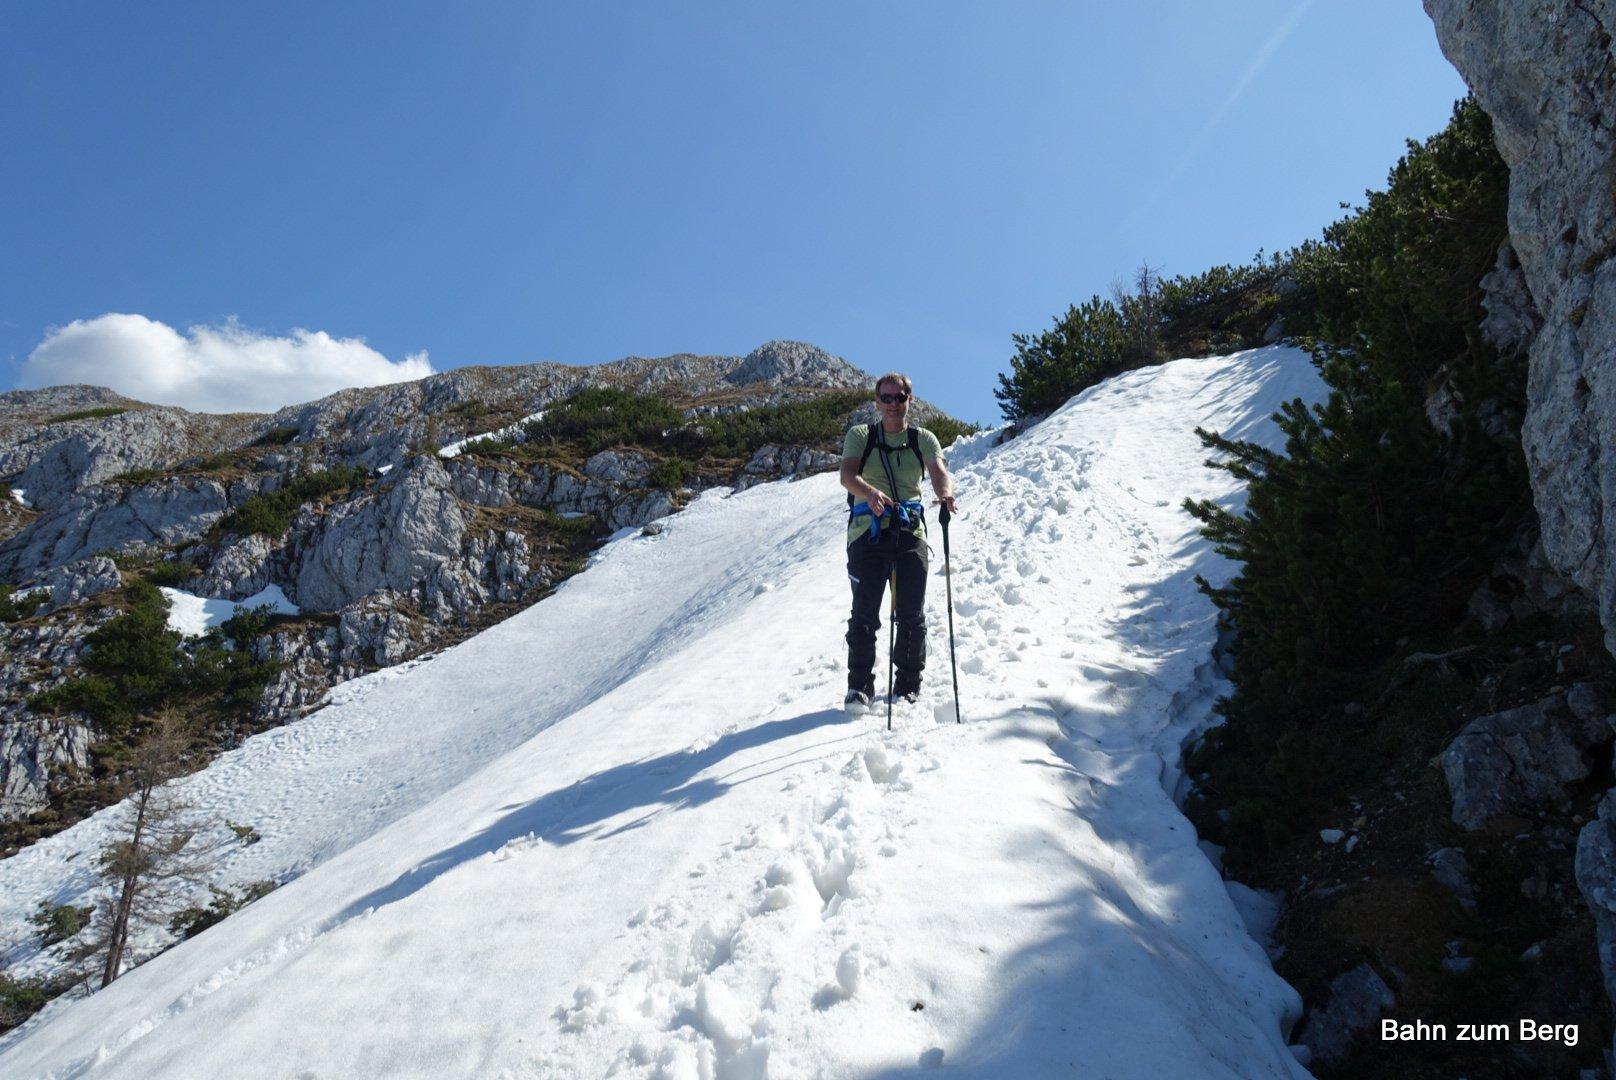 Wo wir den Weg nicht finden, wählen wir einen passenden Abstieg über den Schnee